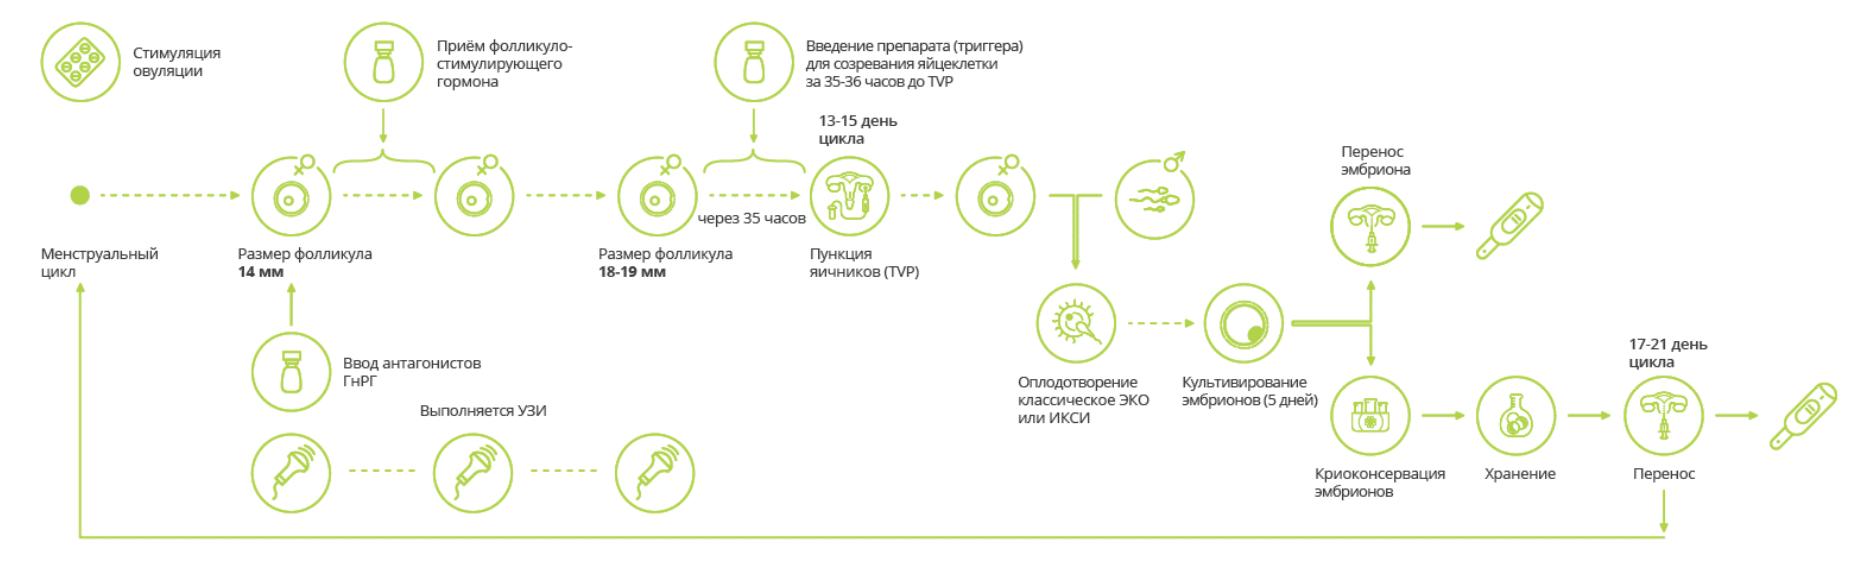 модифицированный протокол эко в естественном цикле